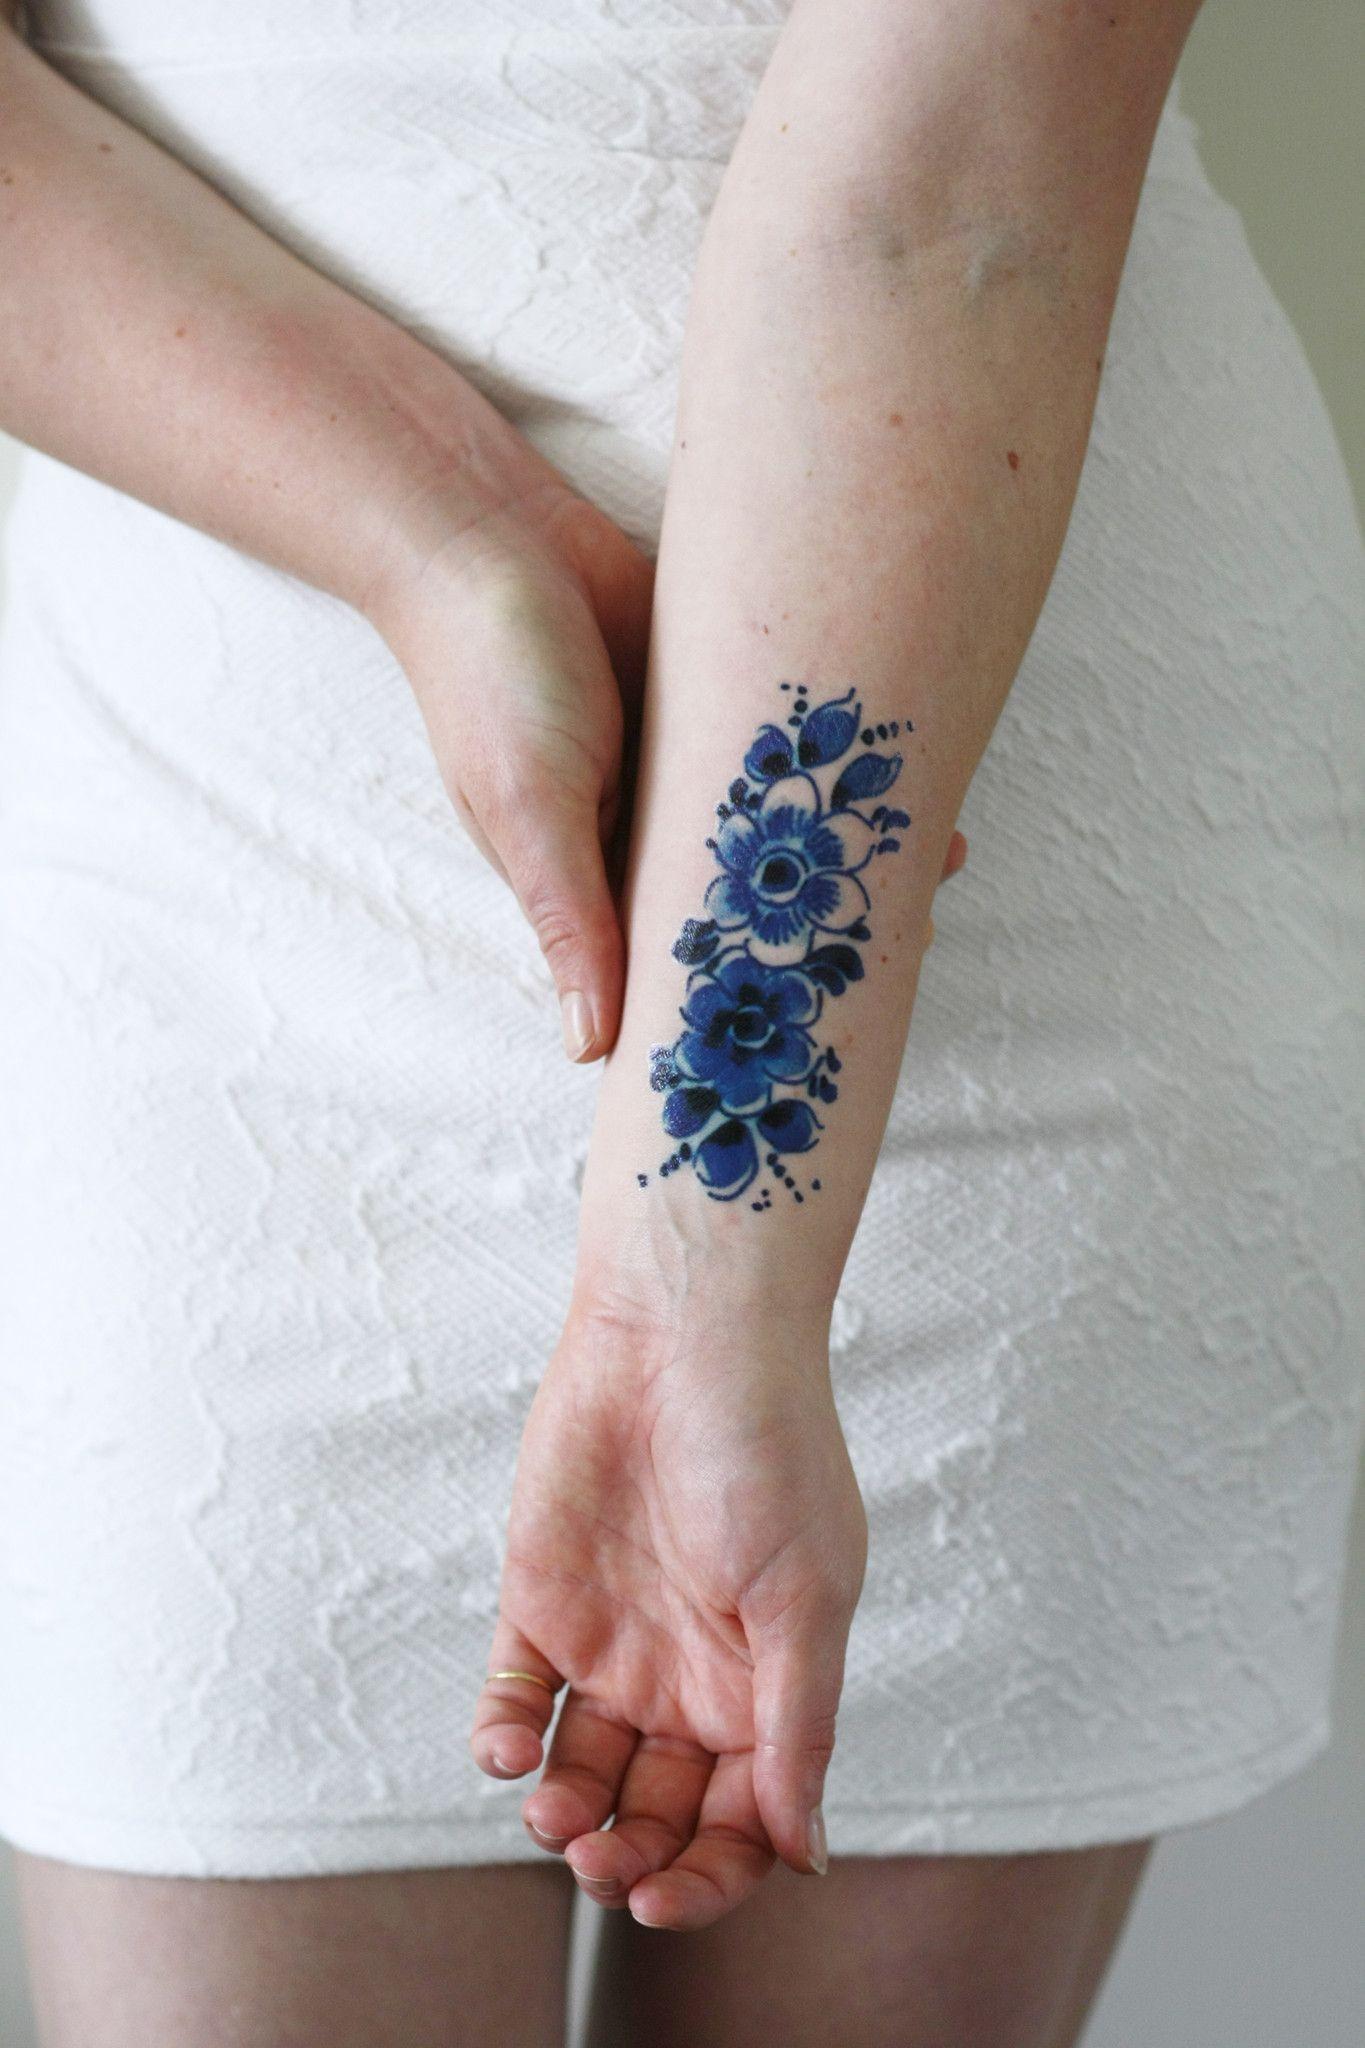 Delft Blue Flower Tattoo Tattoos Piercings Pinterest Blue